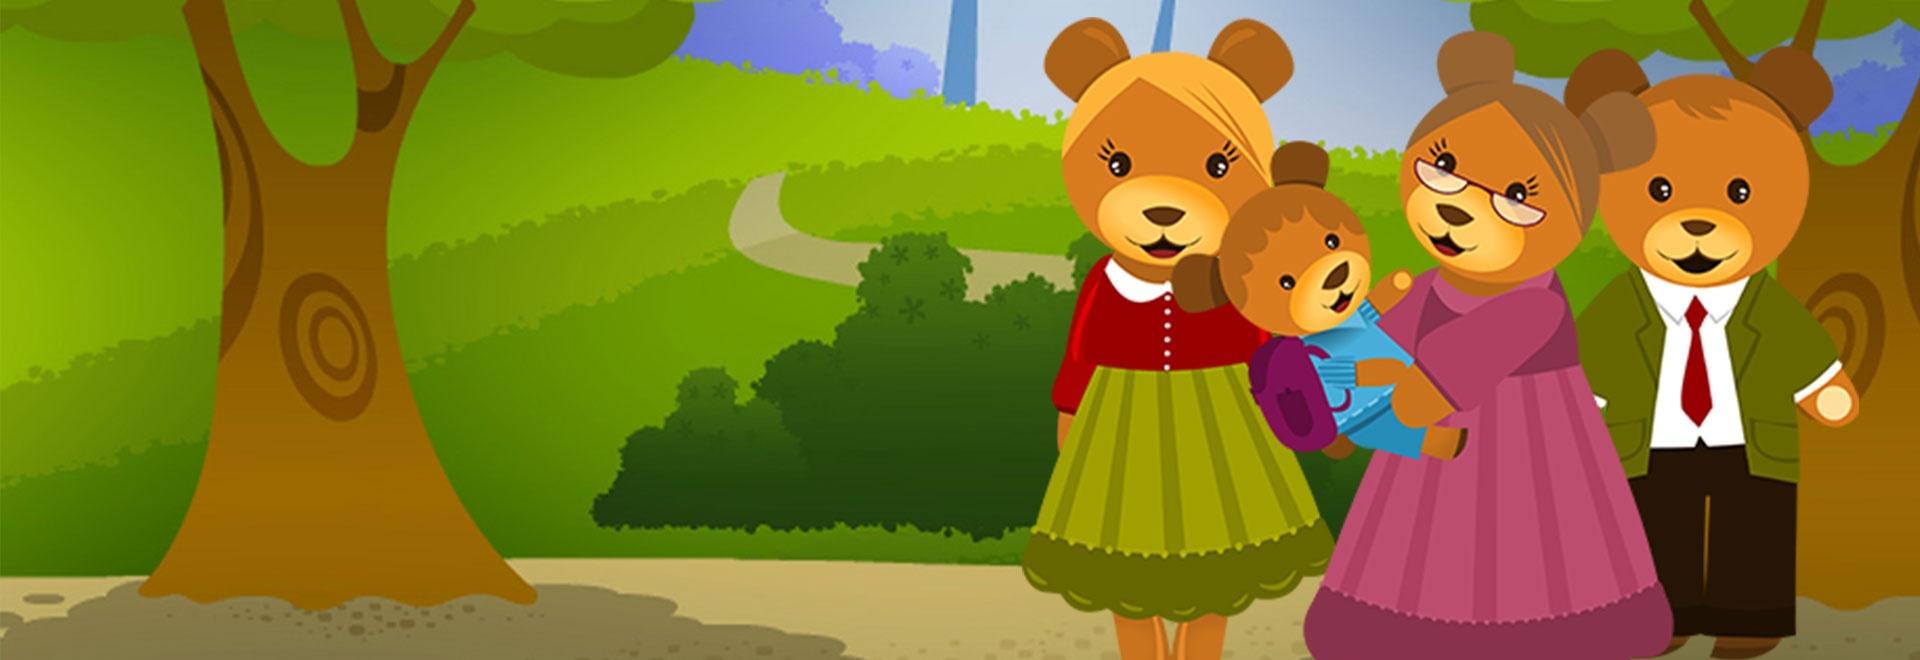 Buonanotte Orsetto Teddy